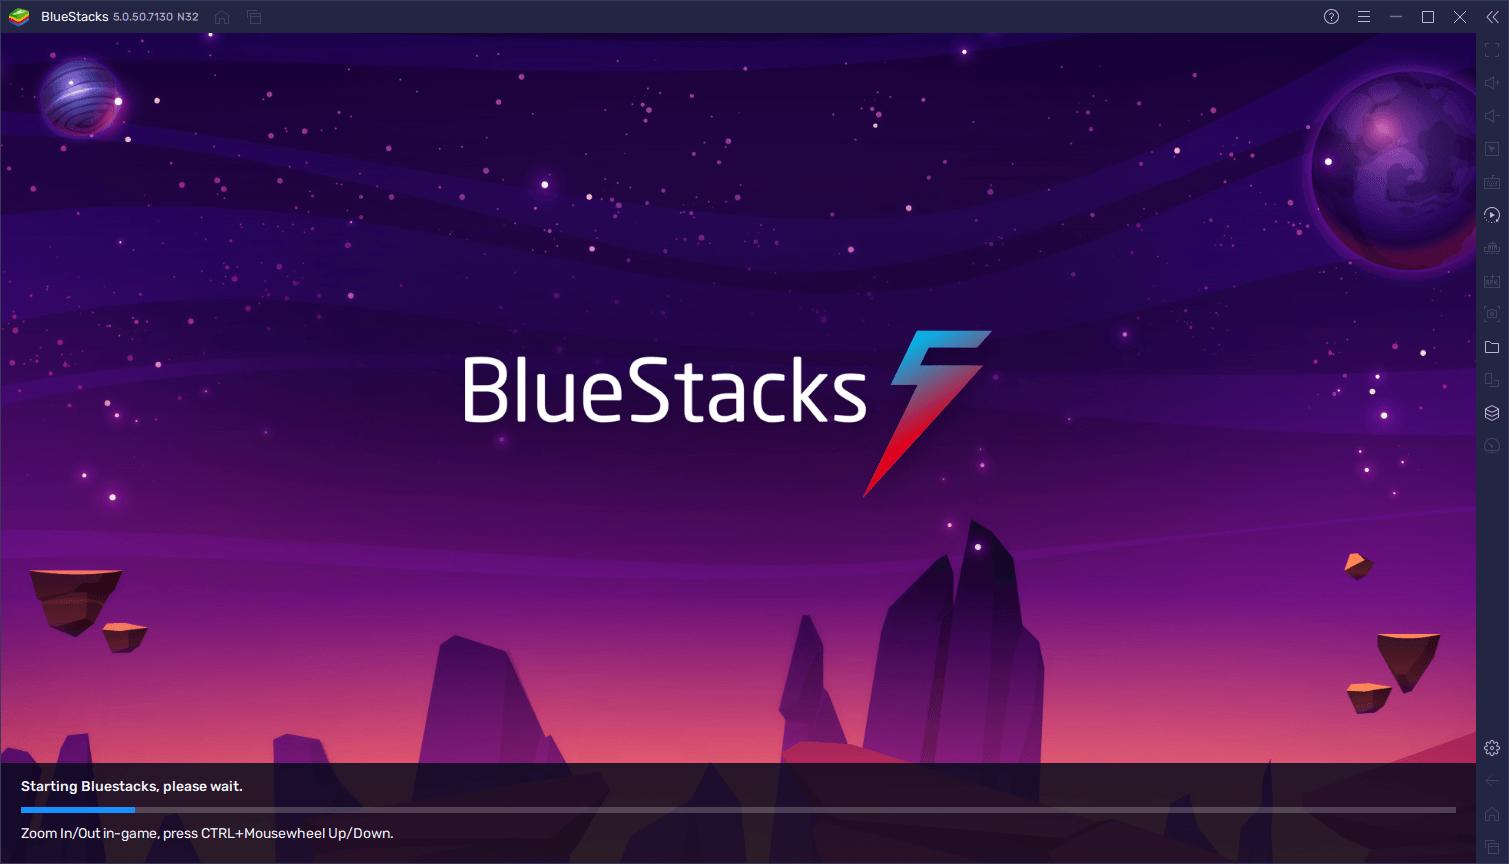 BlueStacks 5 Hafıza Kırpma Özelliği, Mümkün Olan En Düşük RAM Kullanımı ile Kesintisiz Bir Oyun Deneyimi Garanti Ediyor